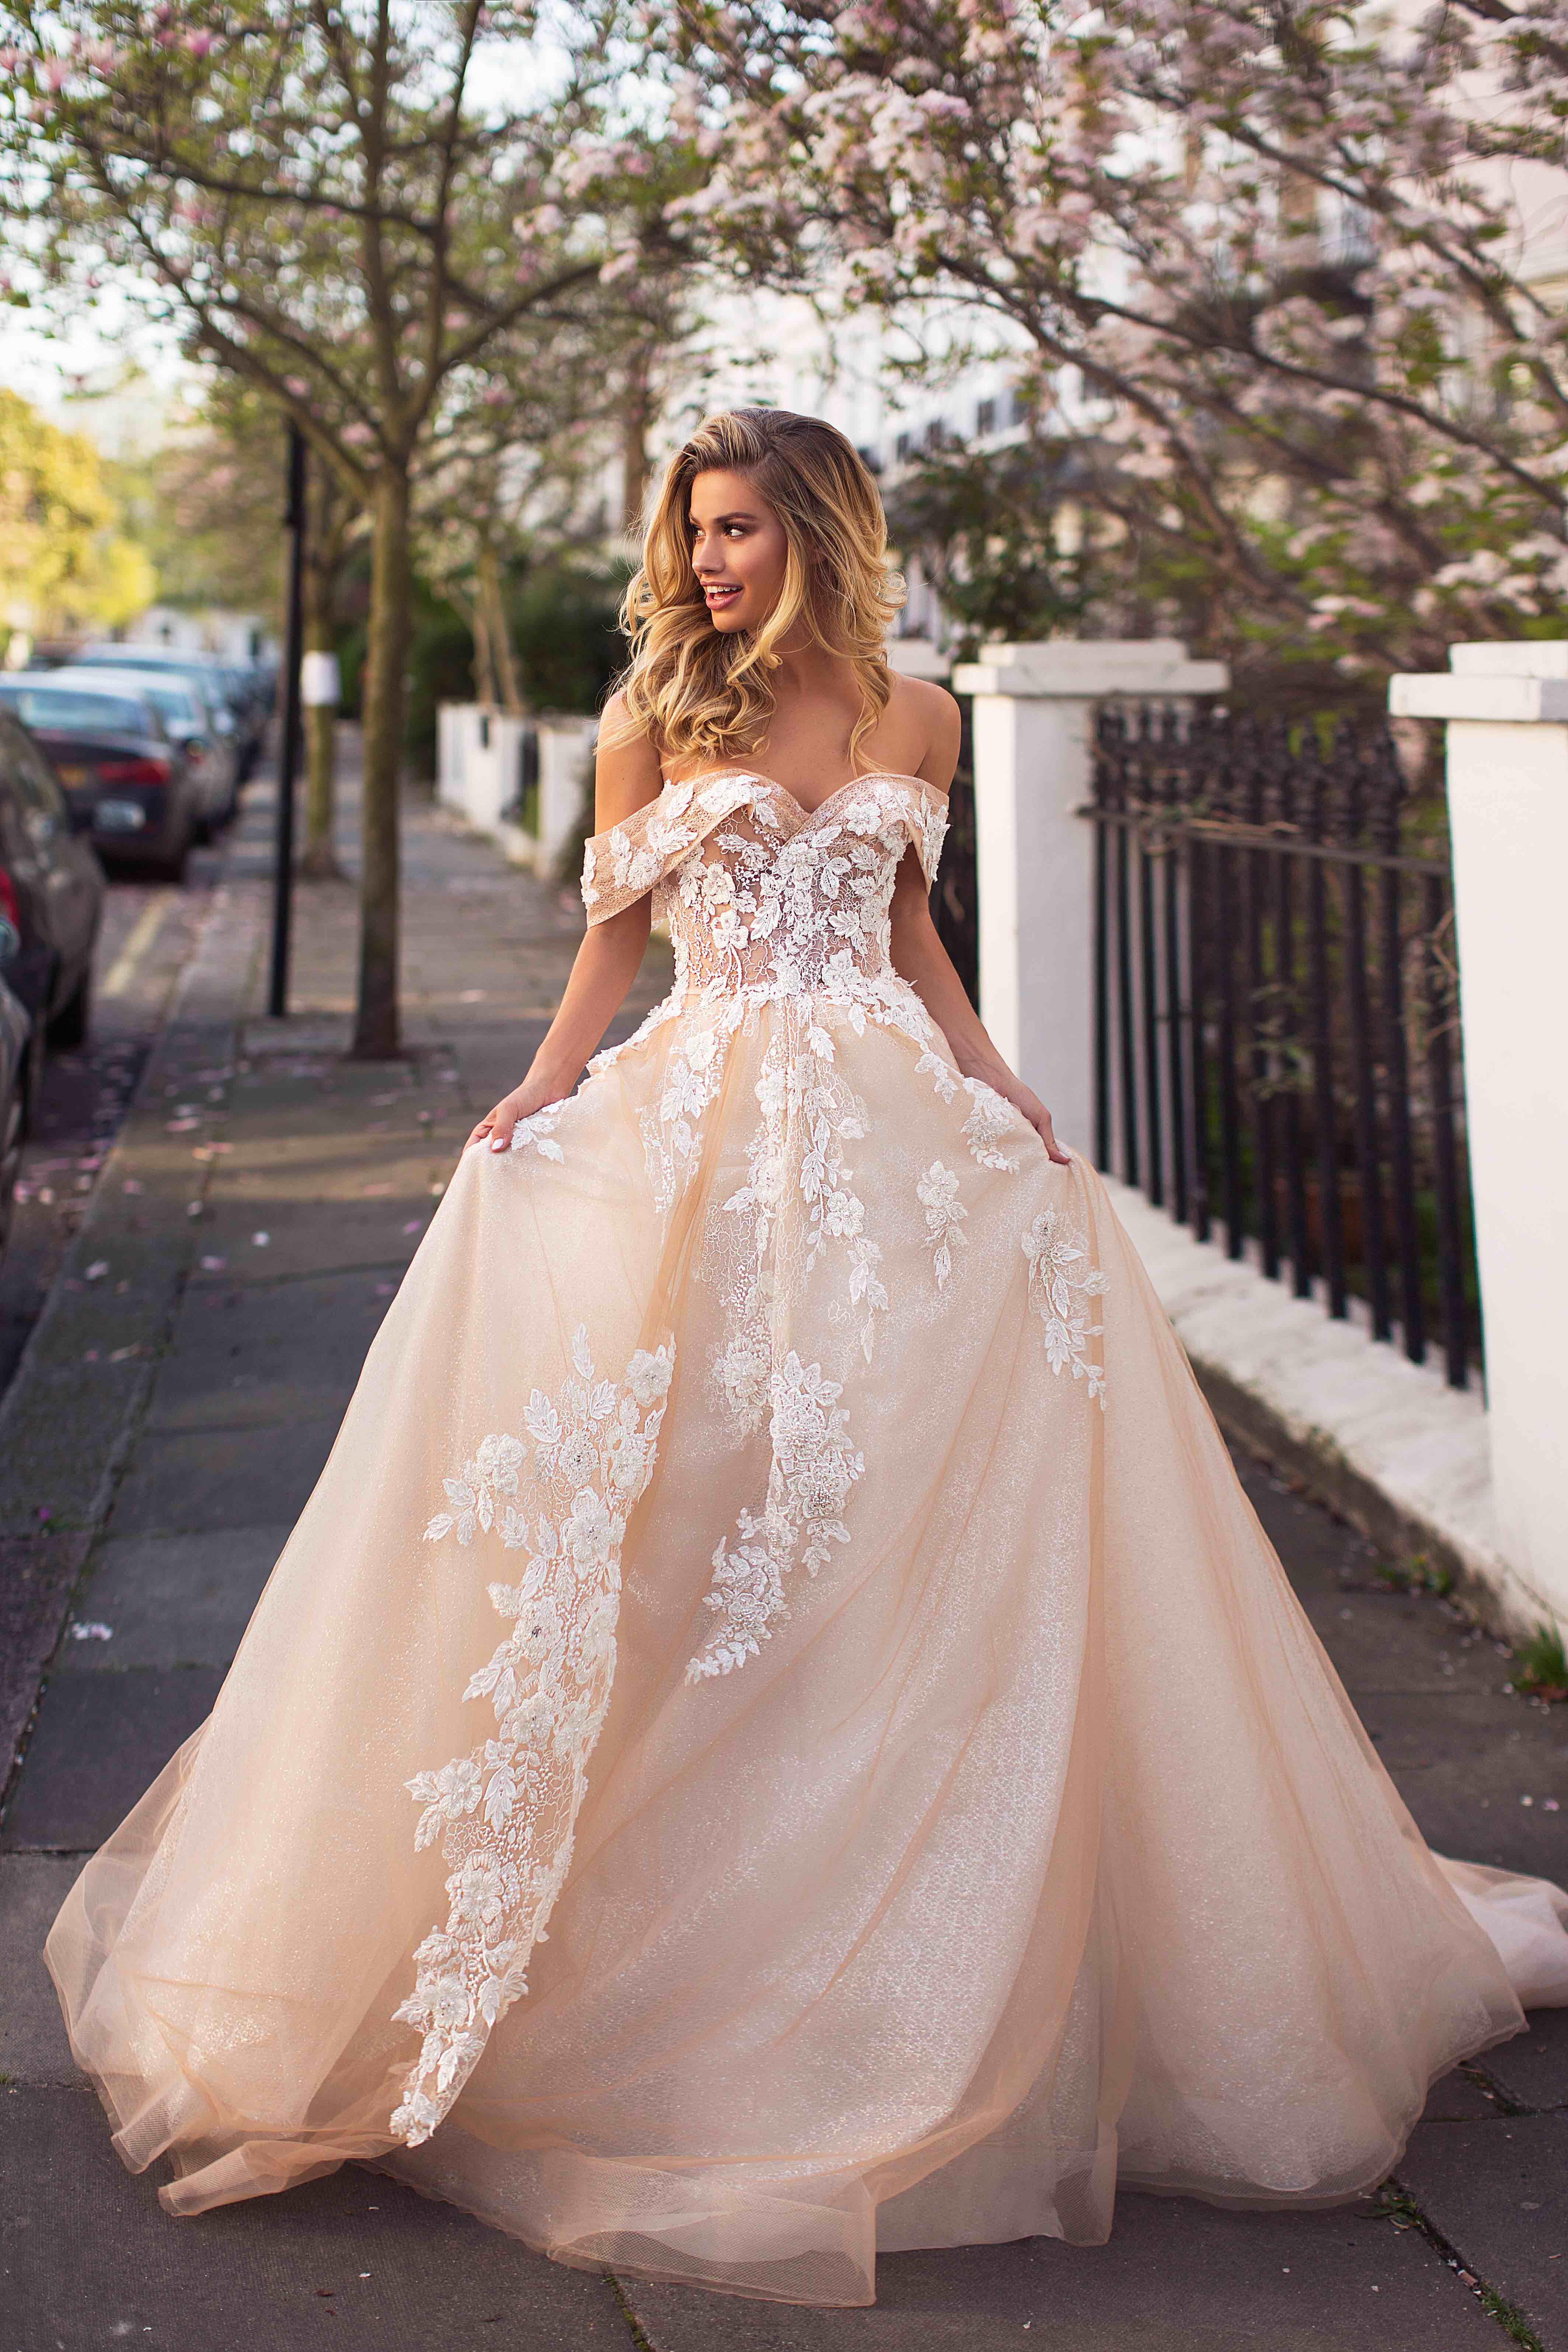 Vestiti Da Sposa 150 Euro.Abito Da Sposa In Pizzo Con Spalline Omerali E Di Colore